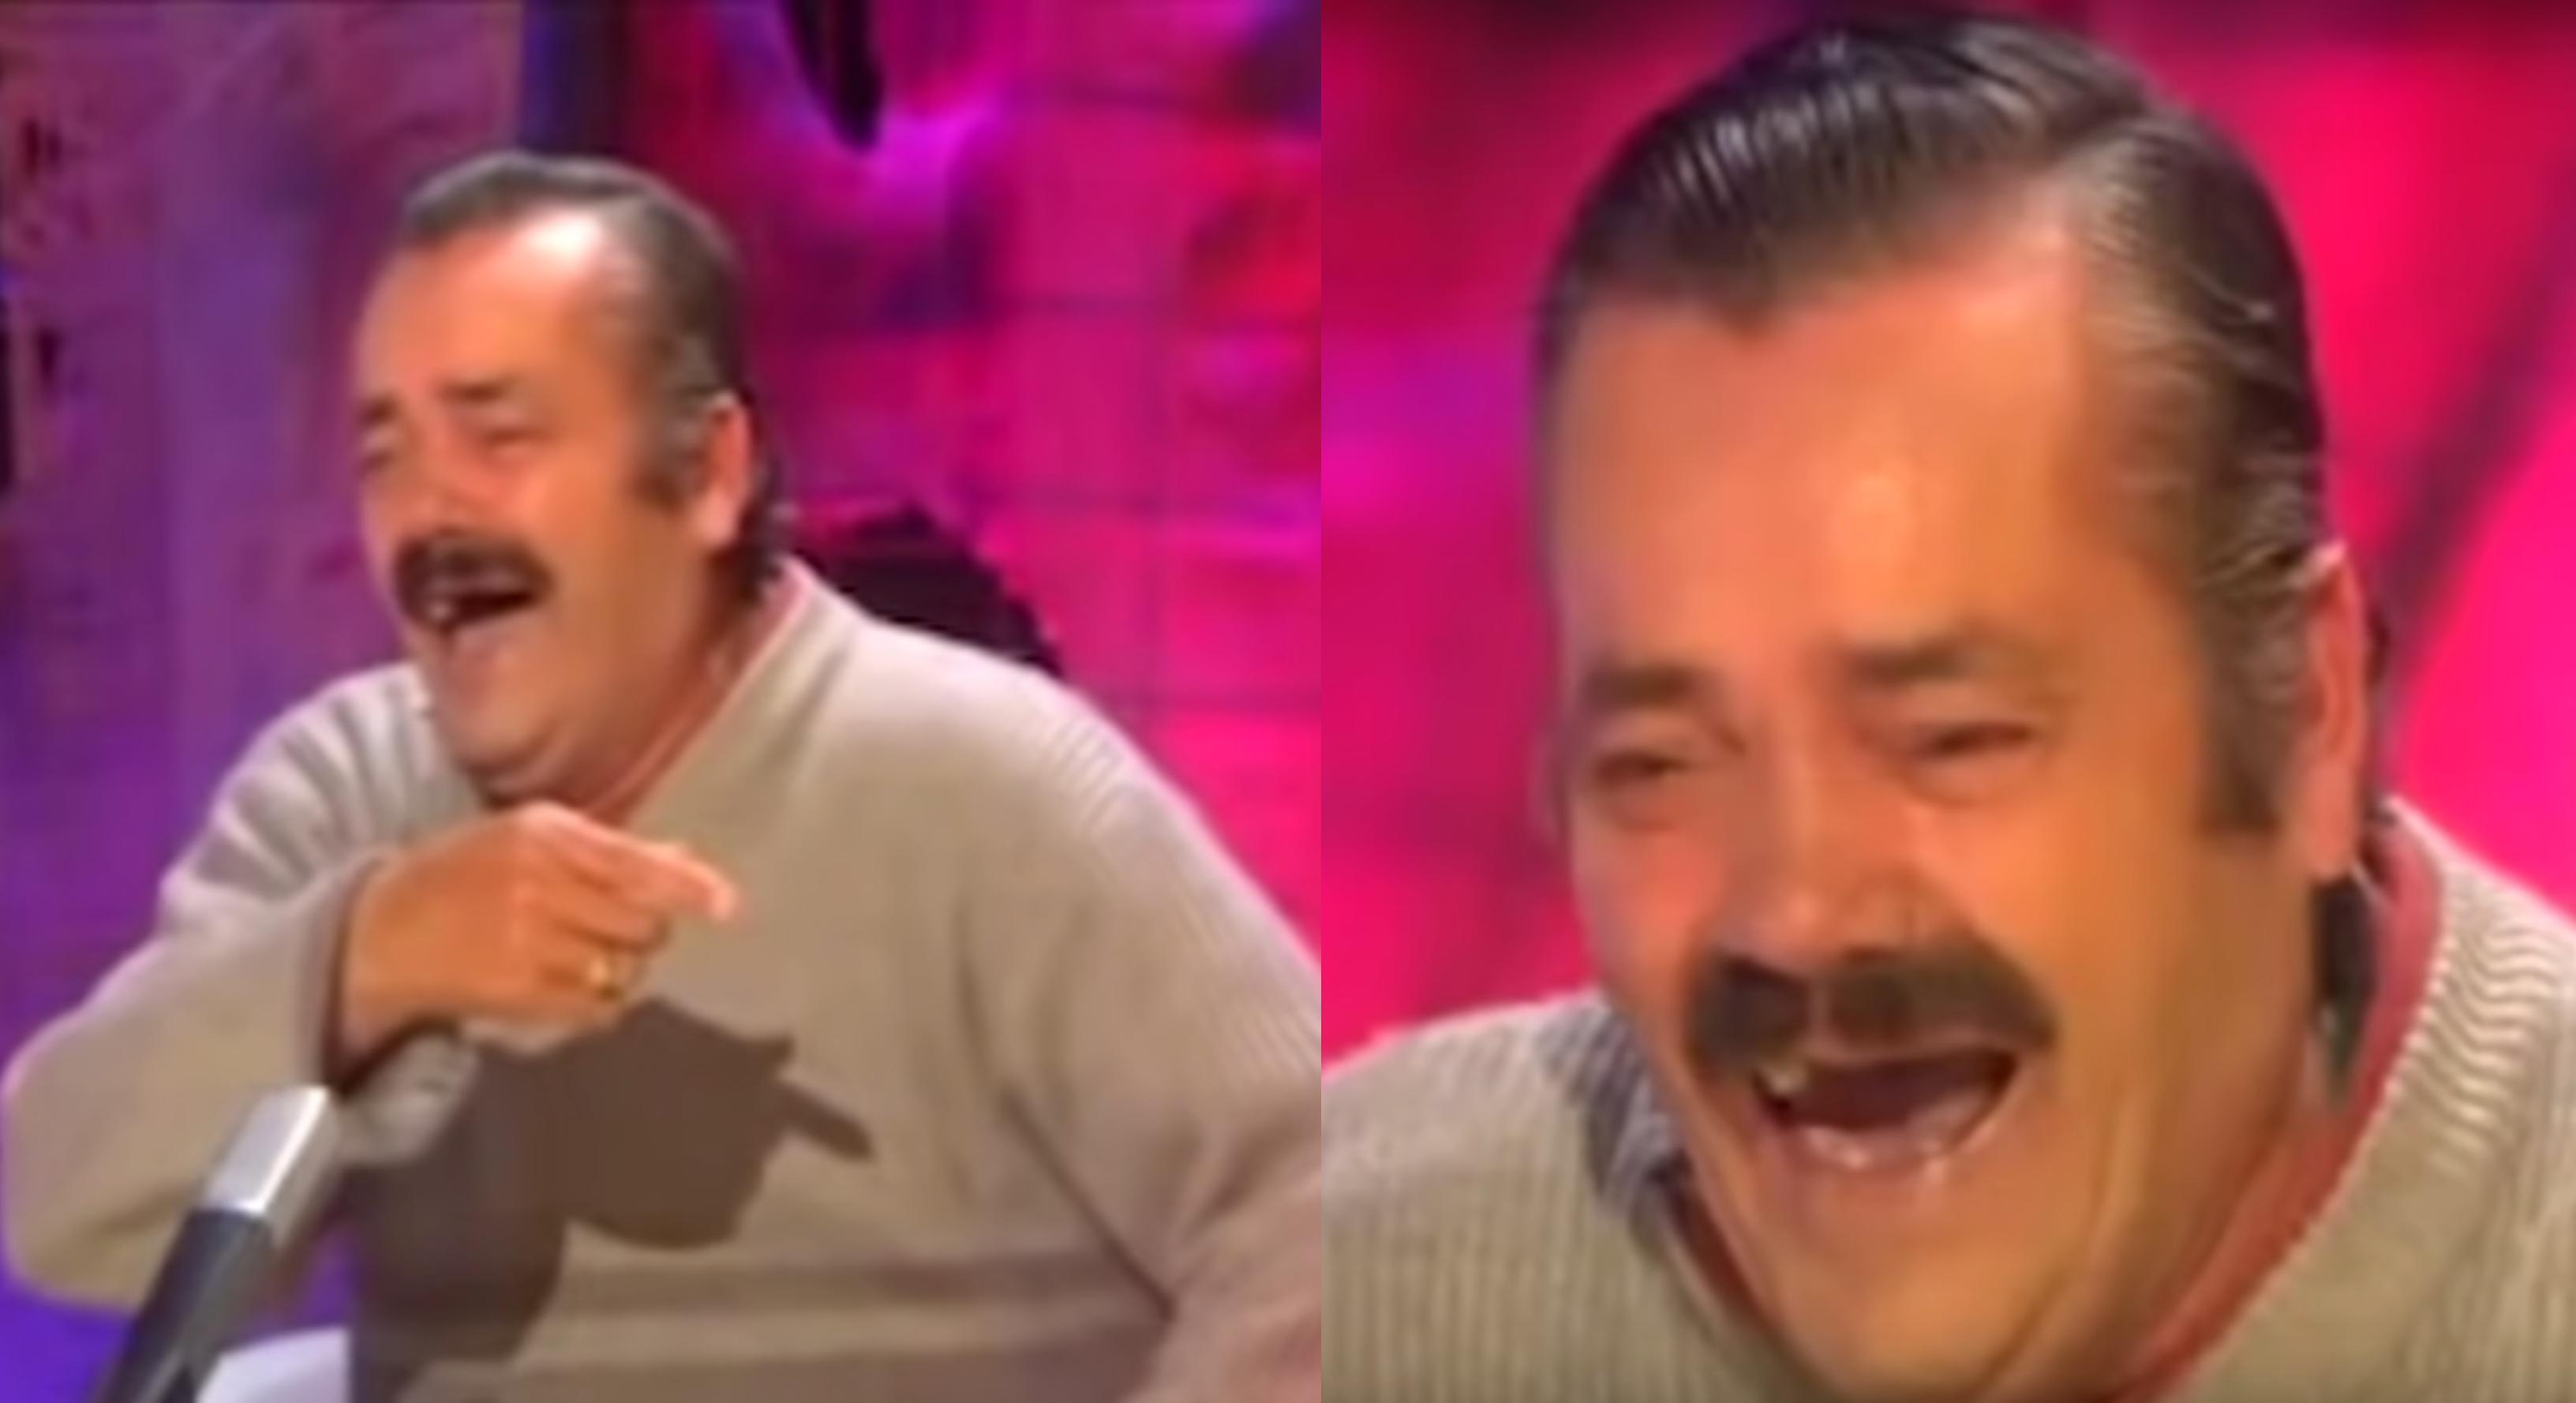 Juan Joya Borja a murit. Actorul spaniol celebru pe internet pentru râsul lui unic s-a stins din viață la 65 de ani